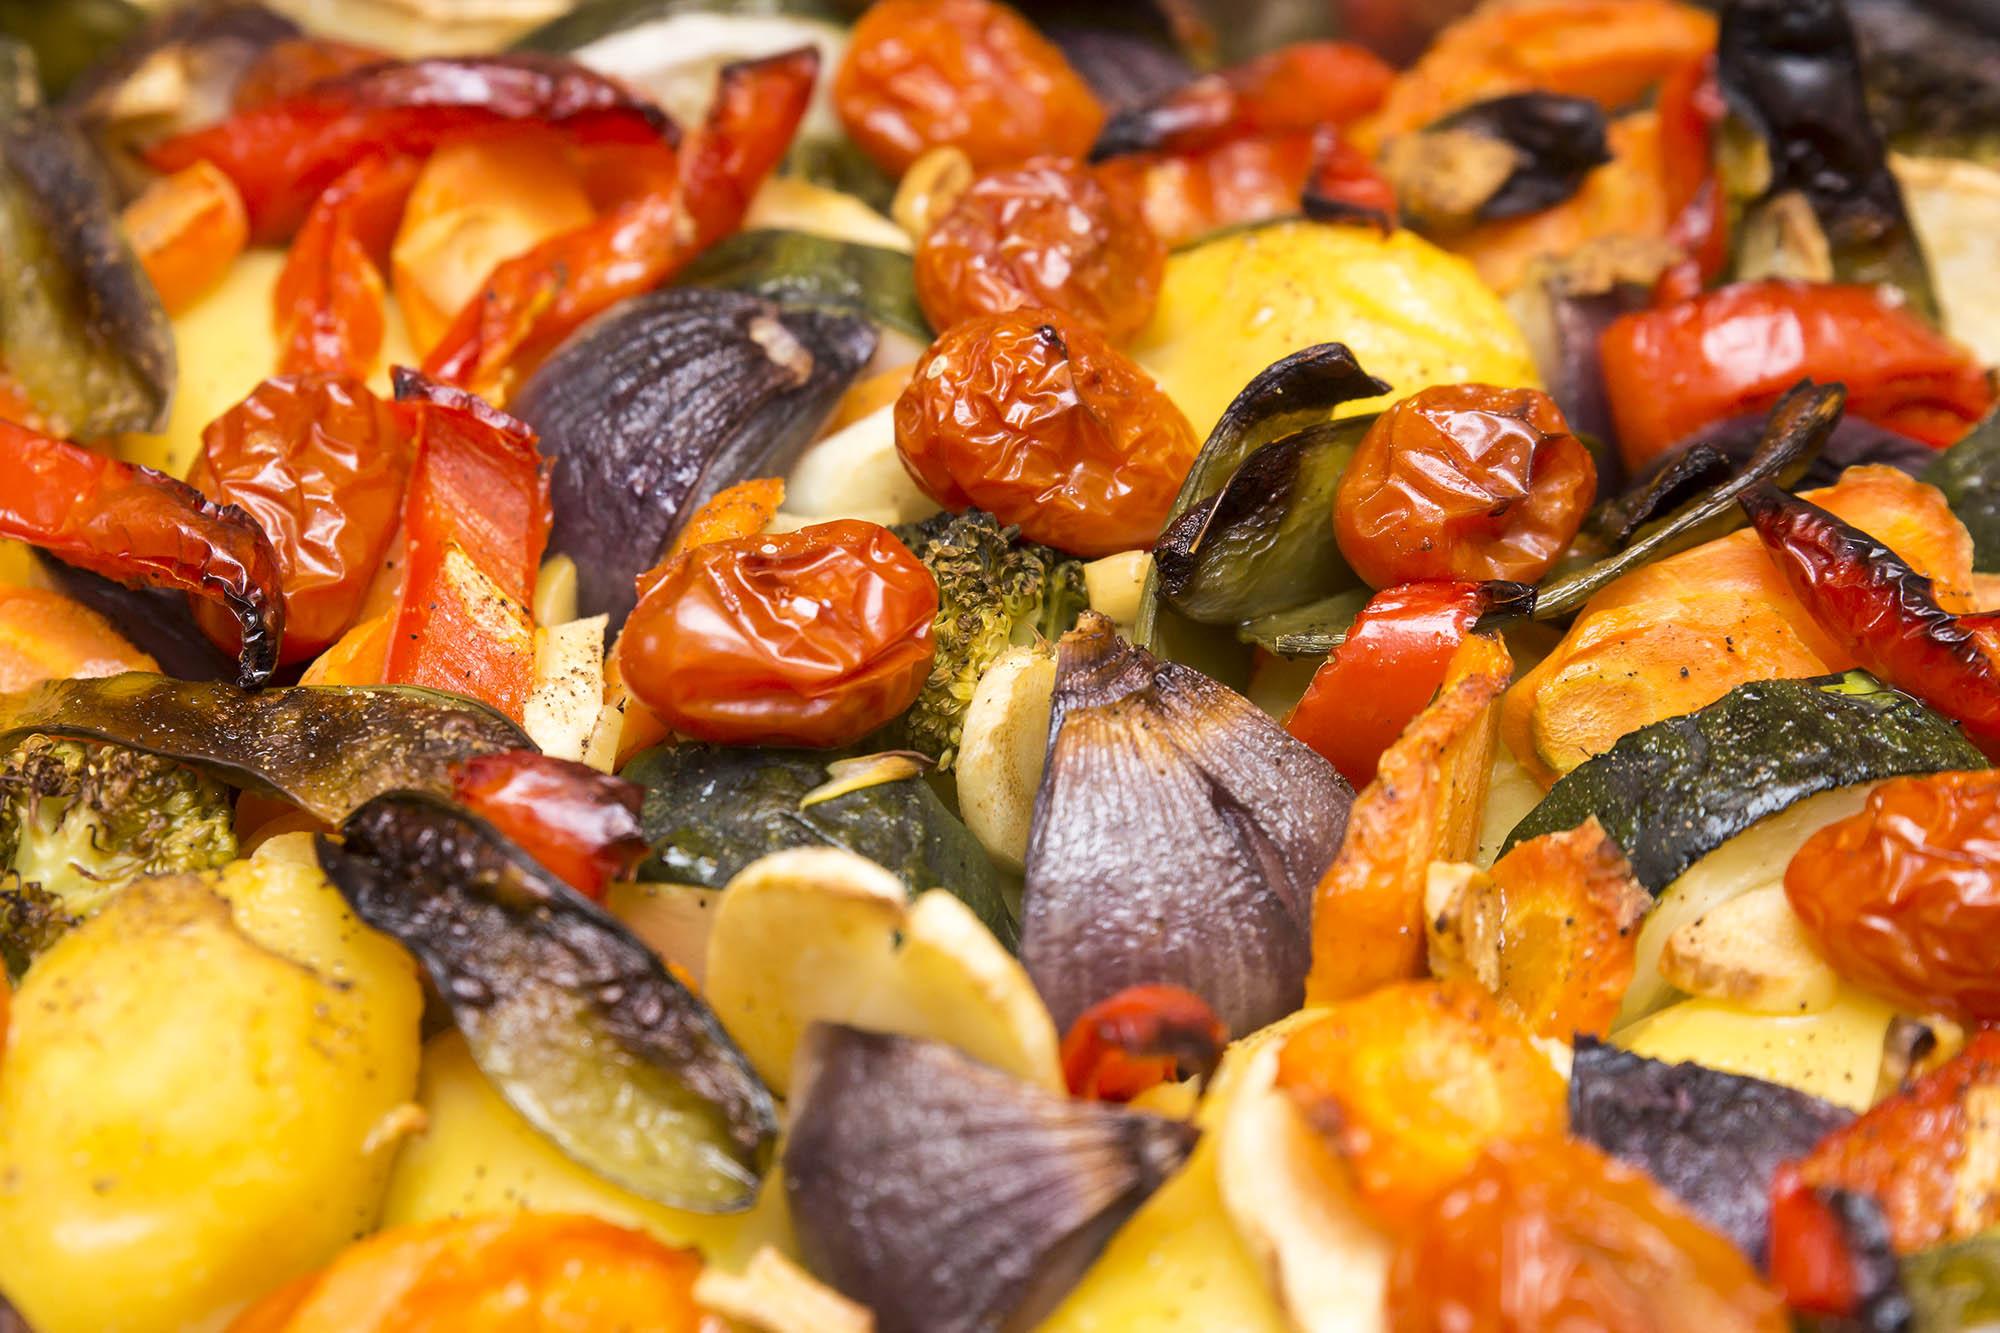 Gemüsepfanne  015 - 04 klein.jpg